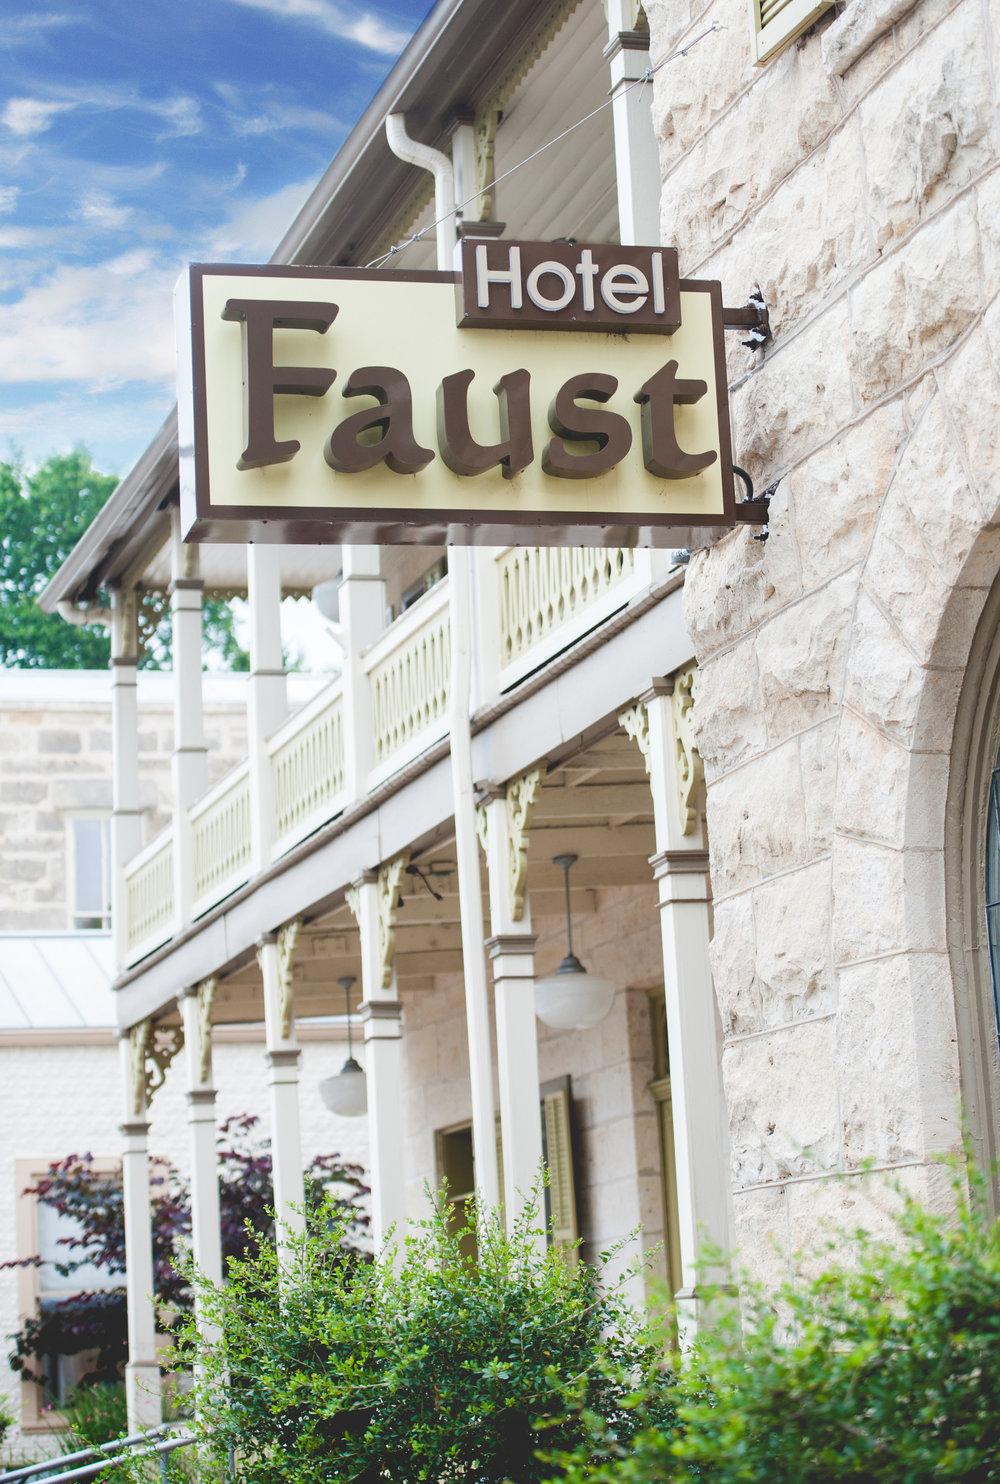 HotelFaust_011B.jpg